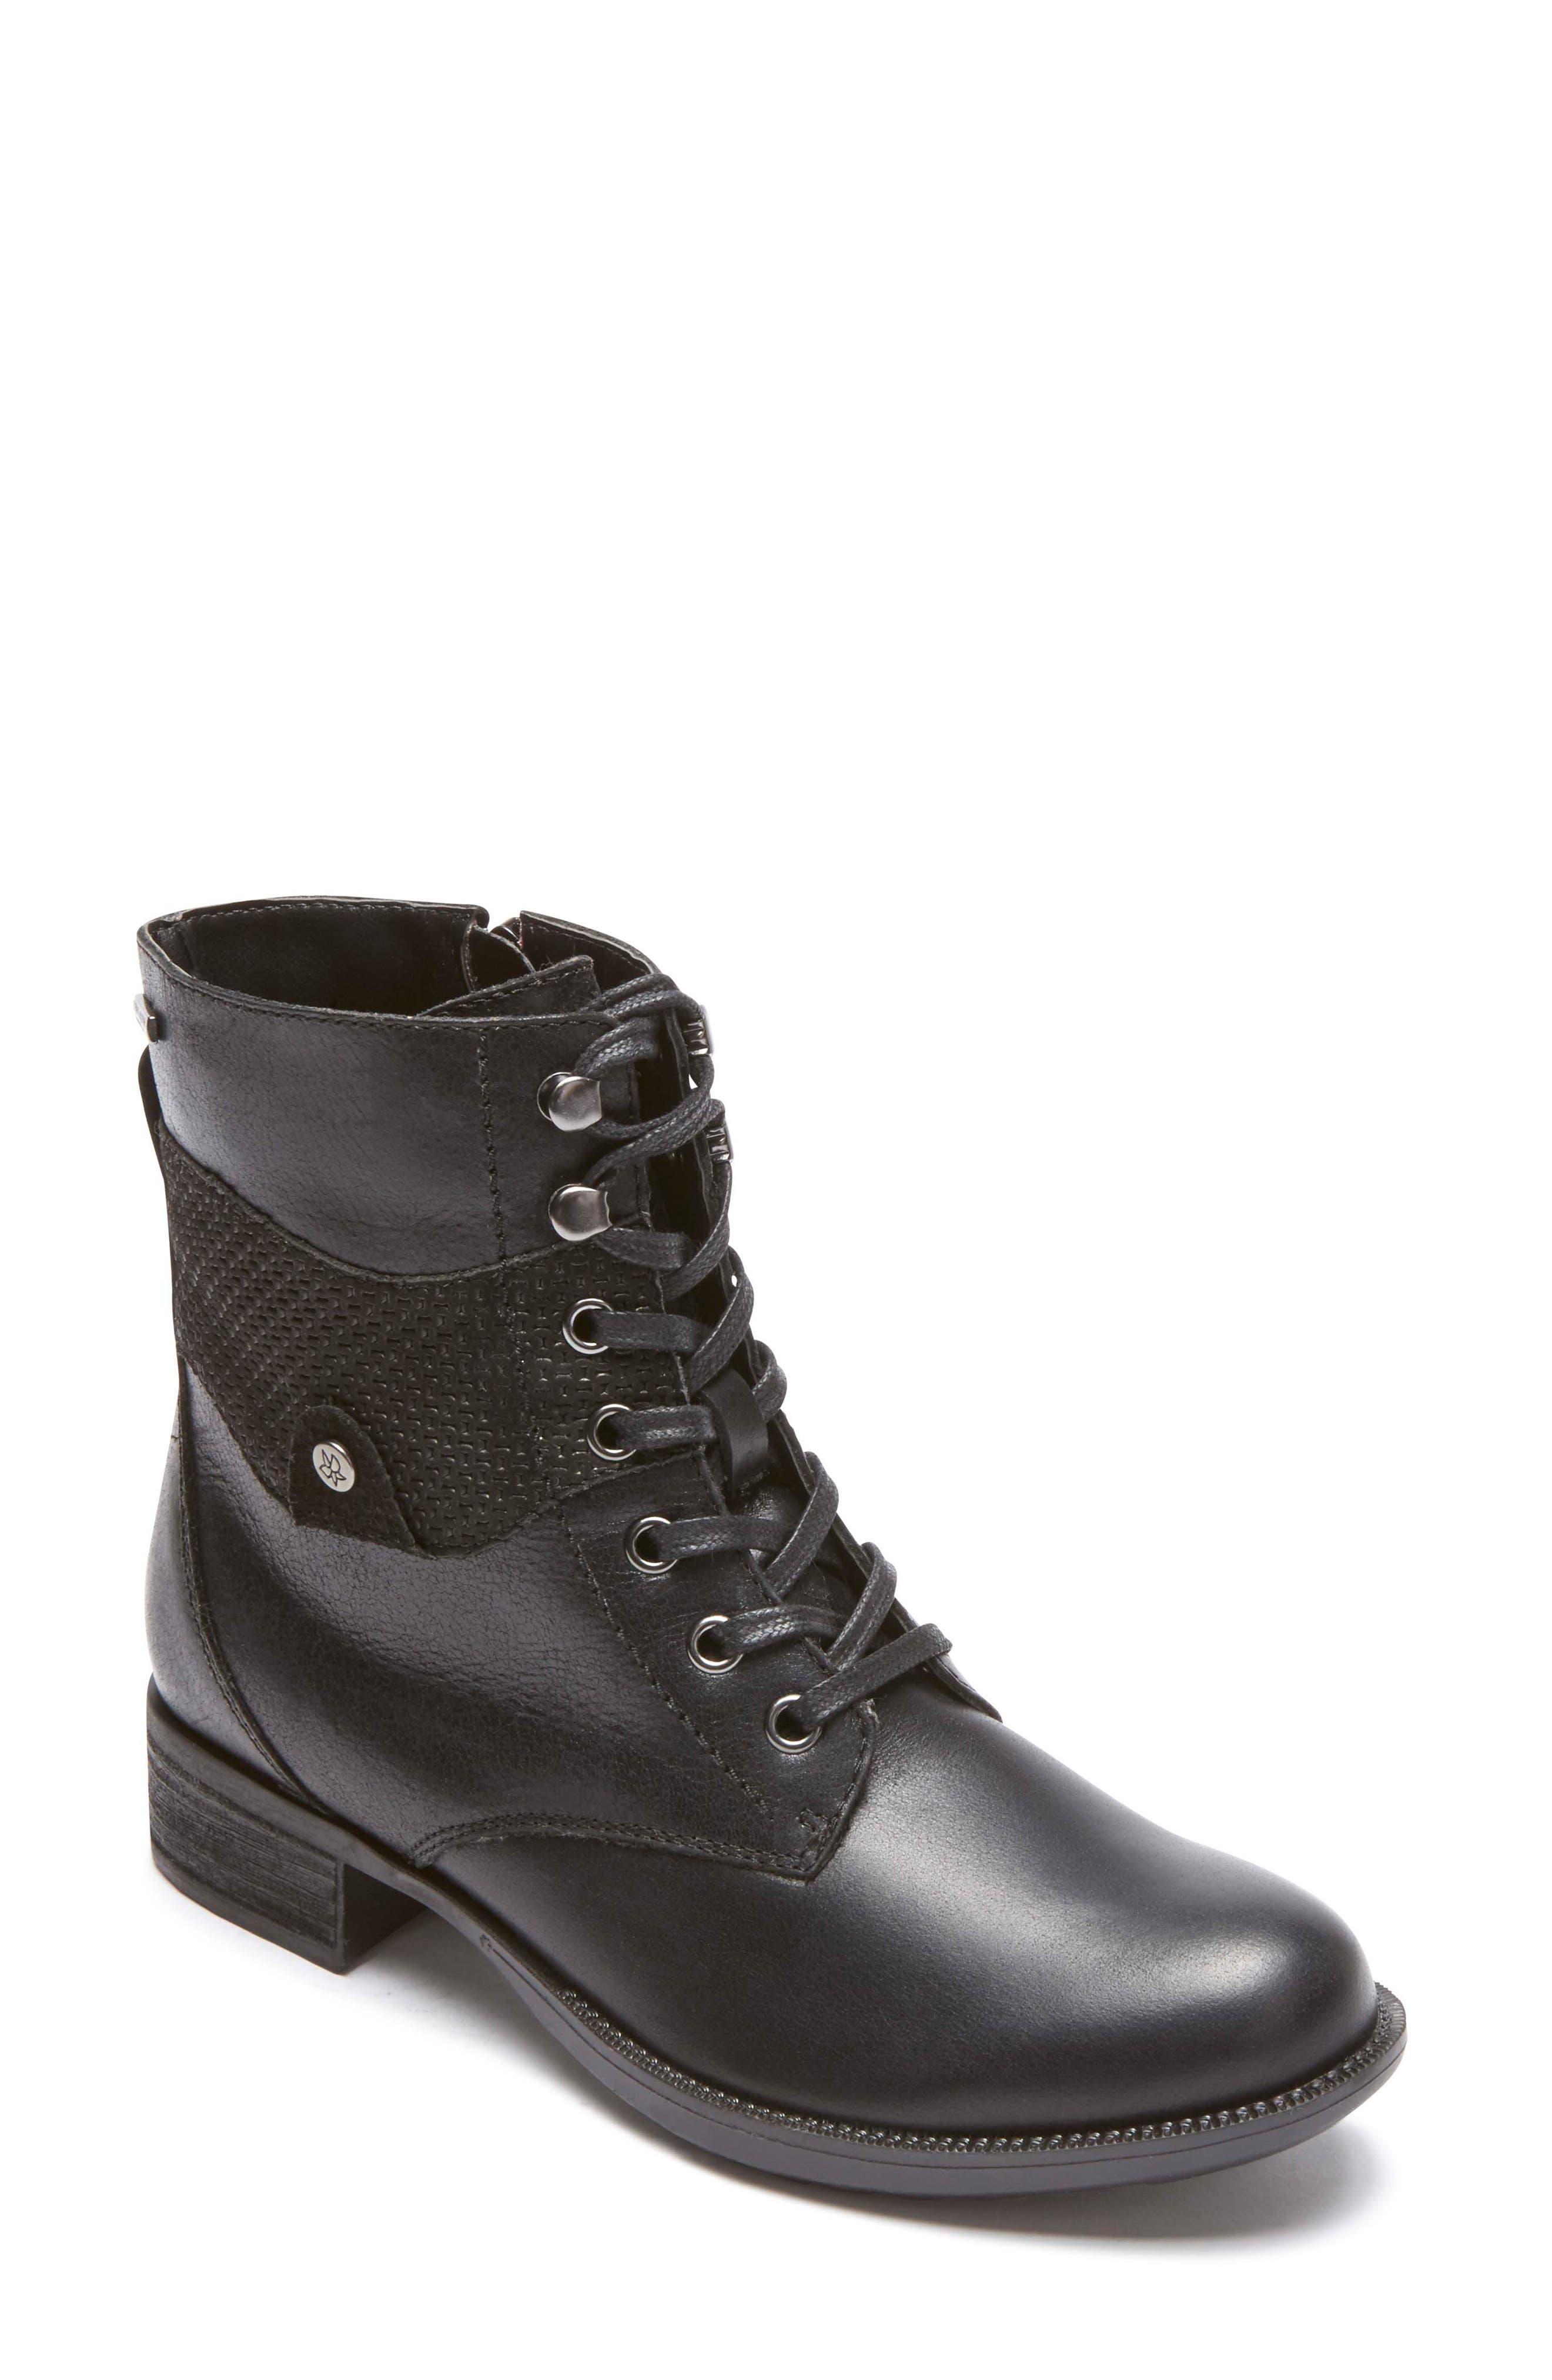 Alternate Image 1 Selected - Rockport Copley Waterproof Combat Boot (Women)